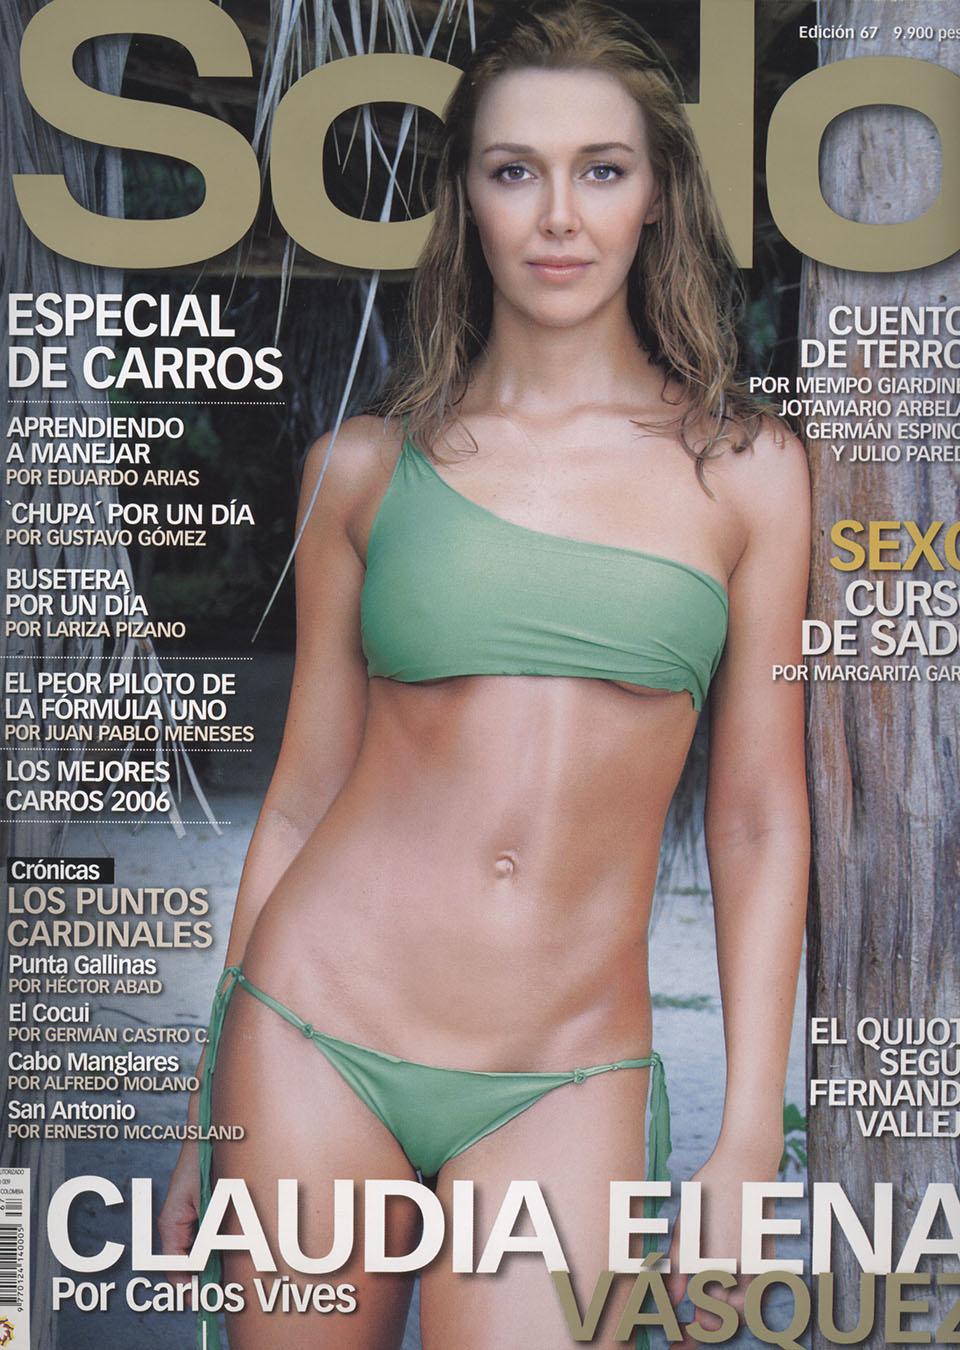 INformamodels;claudia vasquez;